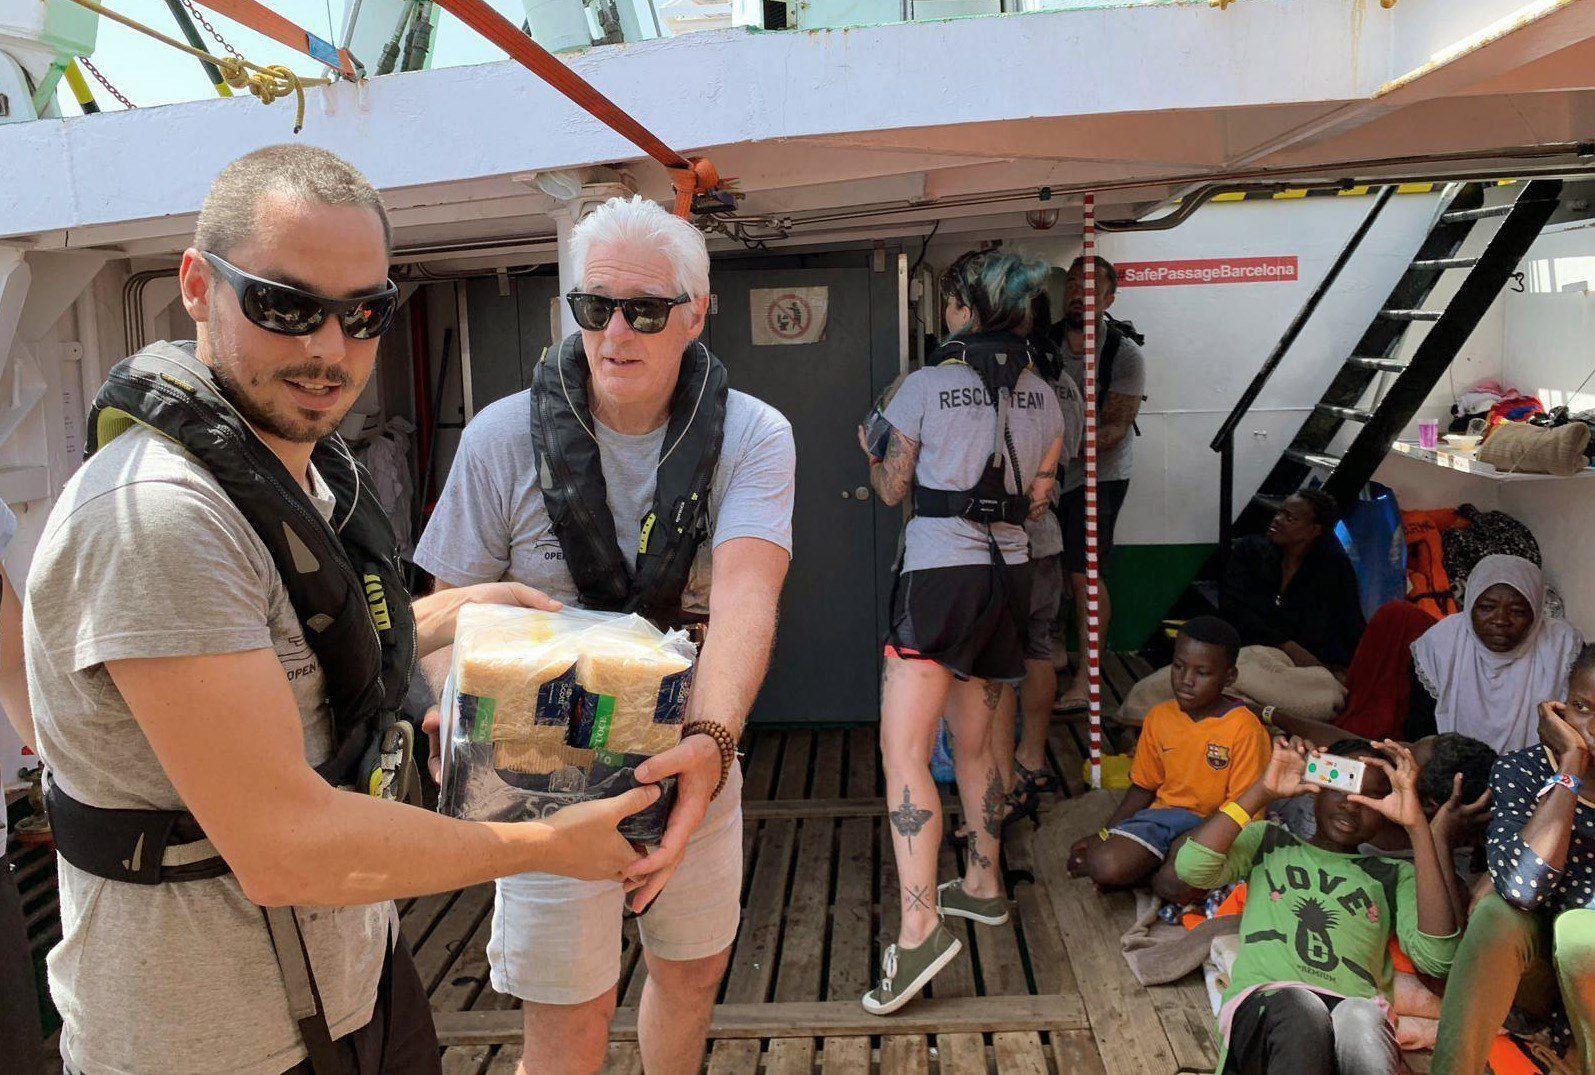 Richard Gere llevó comida y provisiones a barco con 121 inmigrantes rescatados. (Foto: EFE)